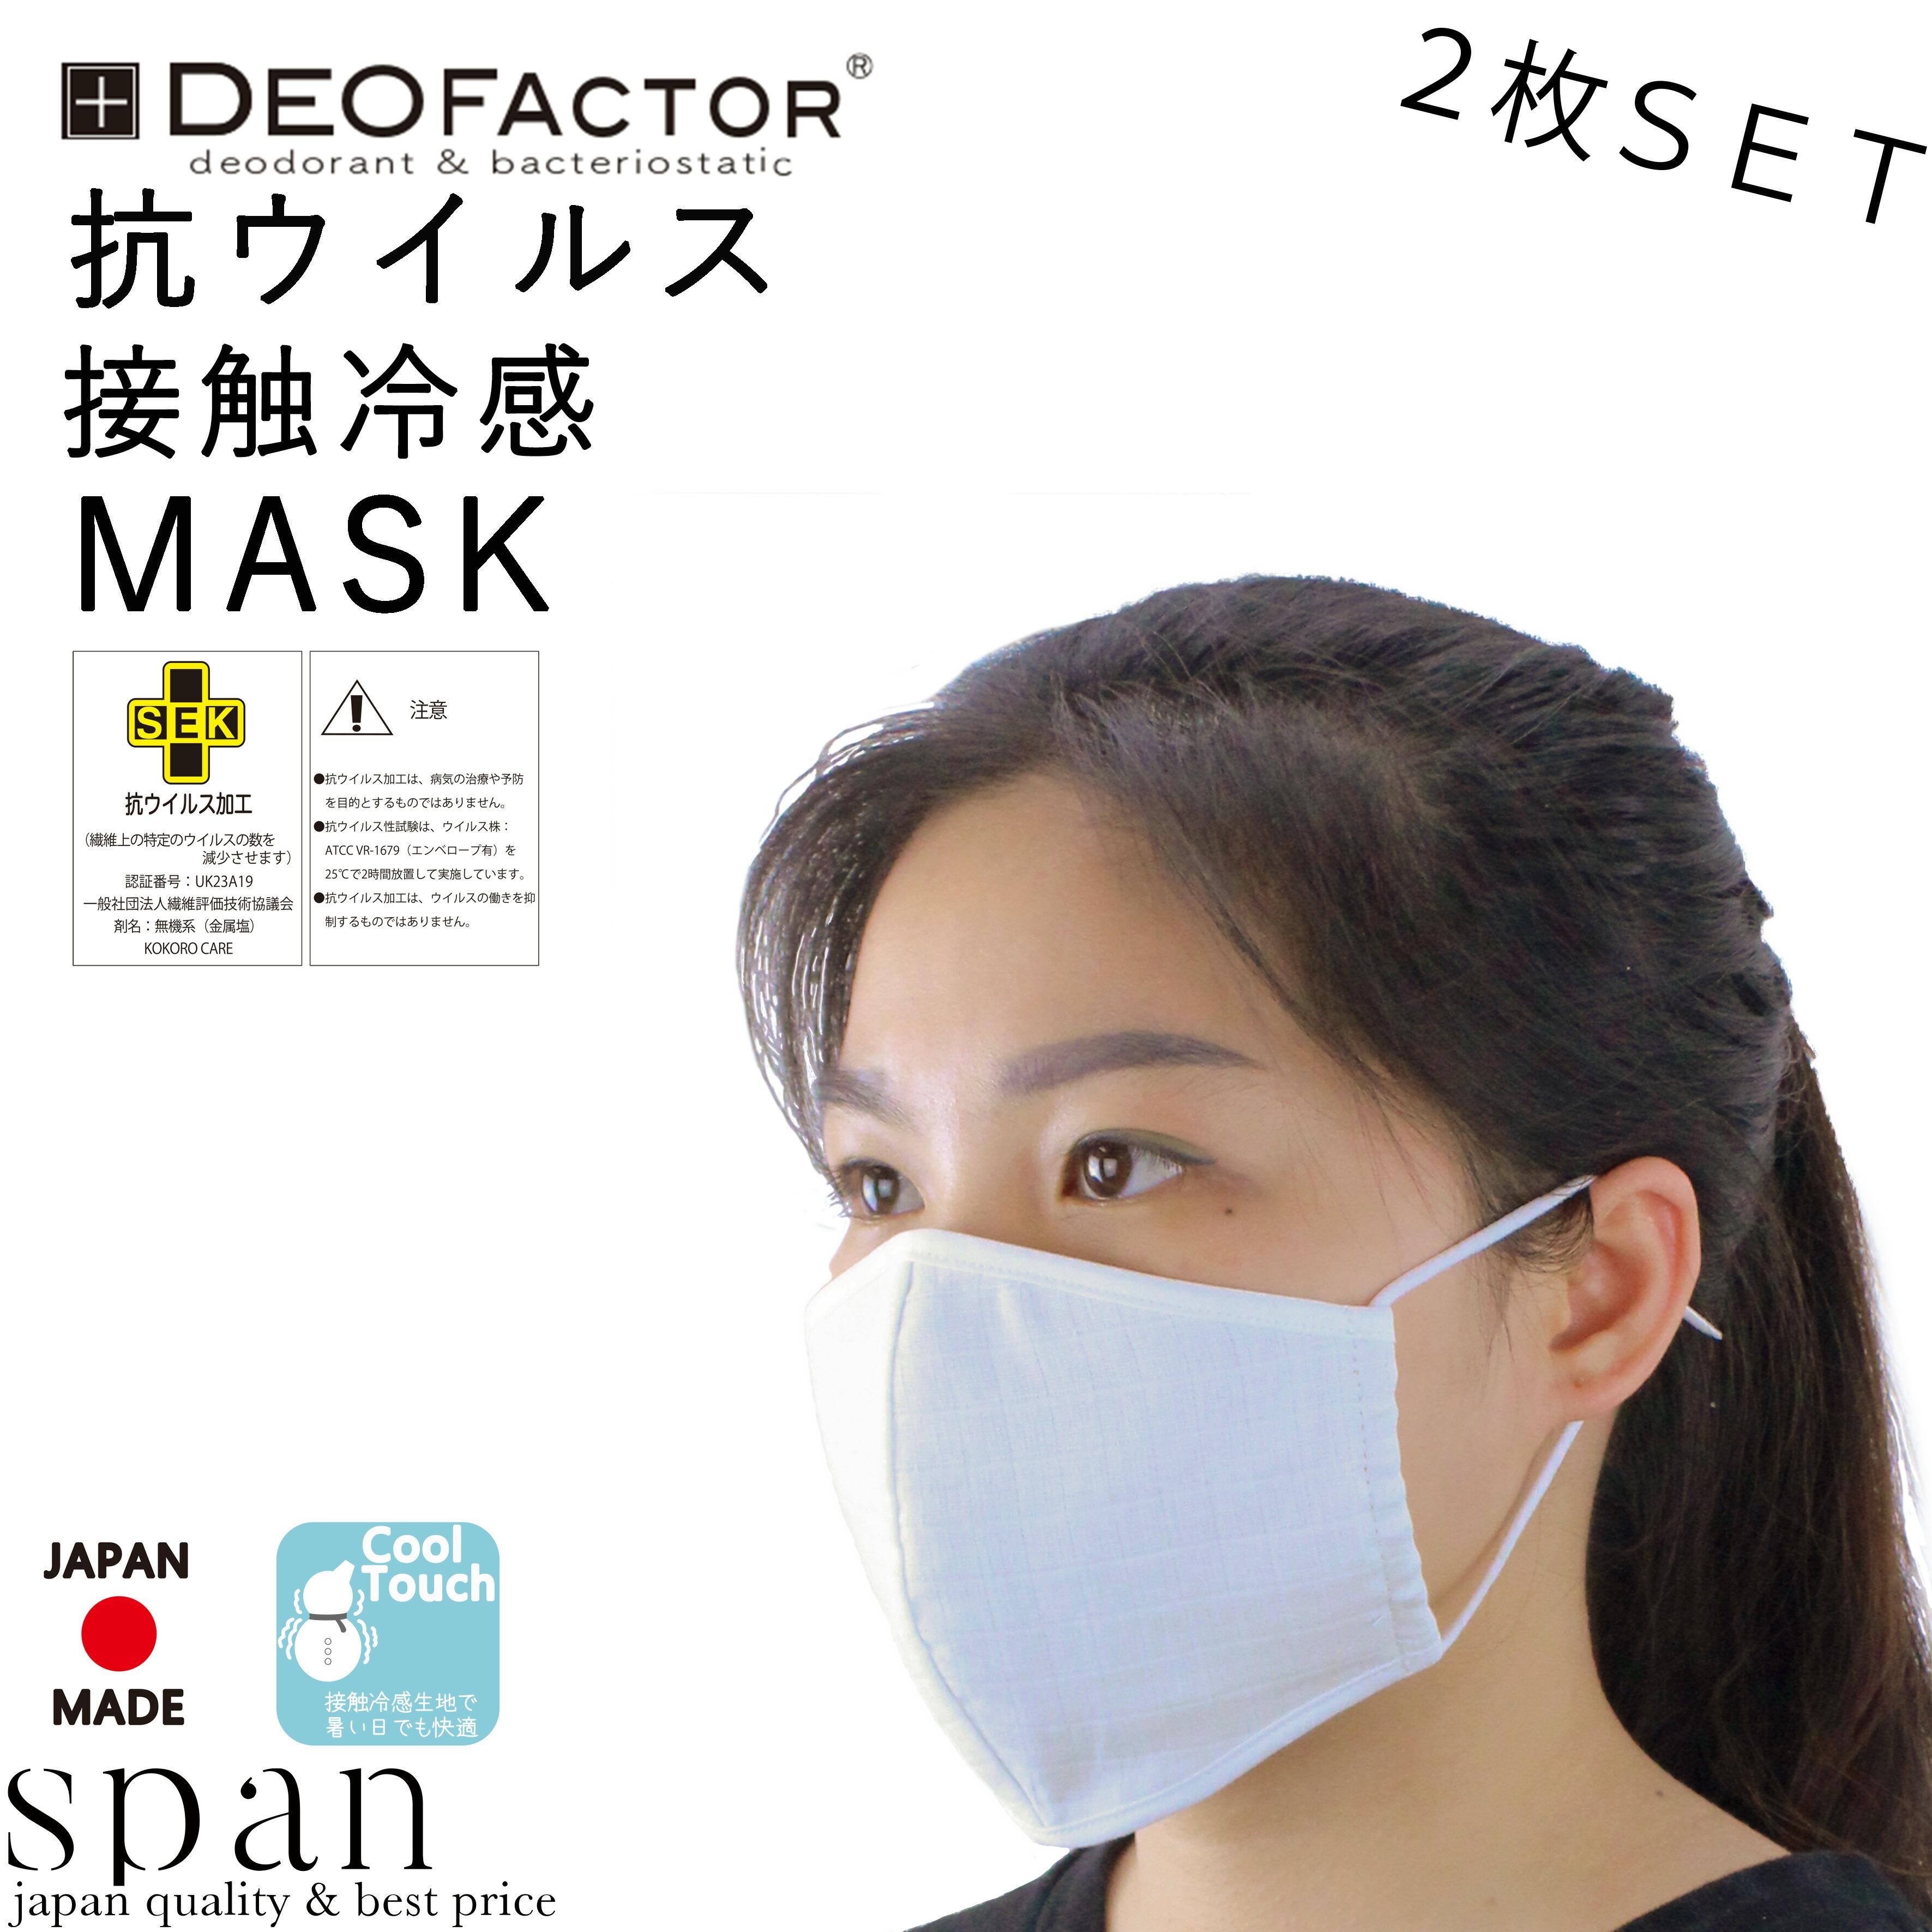 抗ウイルス接触冷感マスク